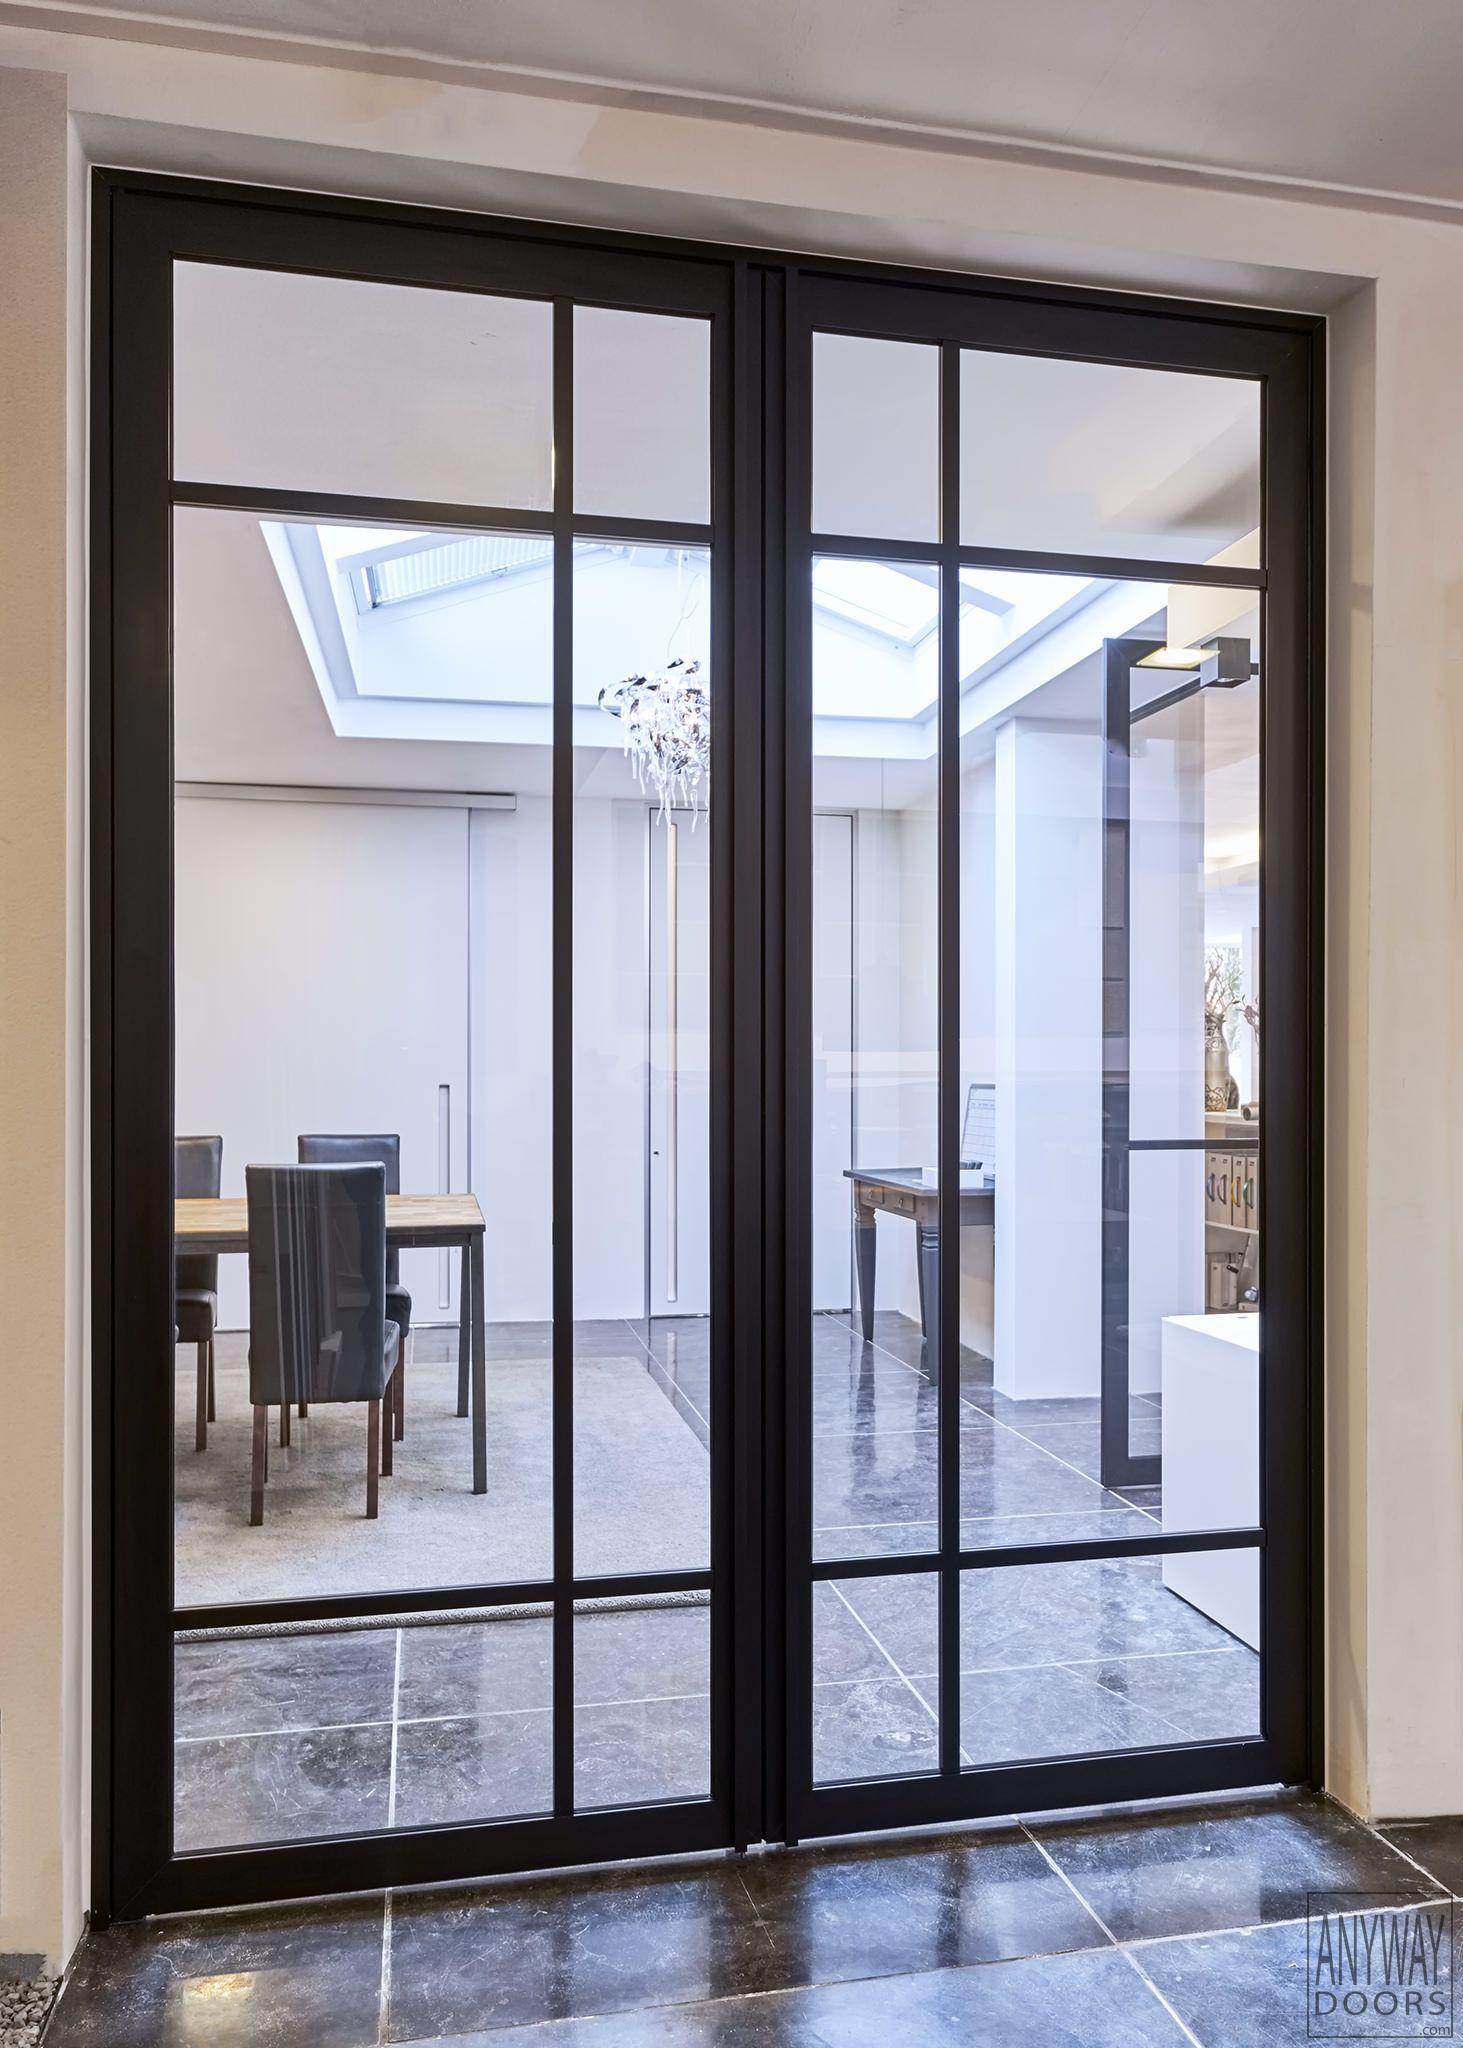 Double Steel Door Designed By Anywaydoors This Elegant Steel Look Doors Are Made From Black Anodized Aluminium Terrasdeuren Tuindeuren Terras Stalen Deuren